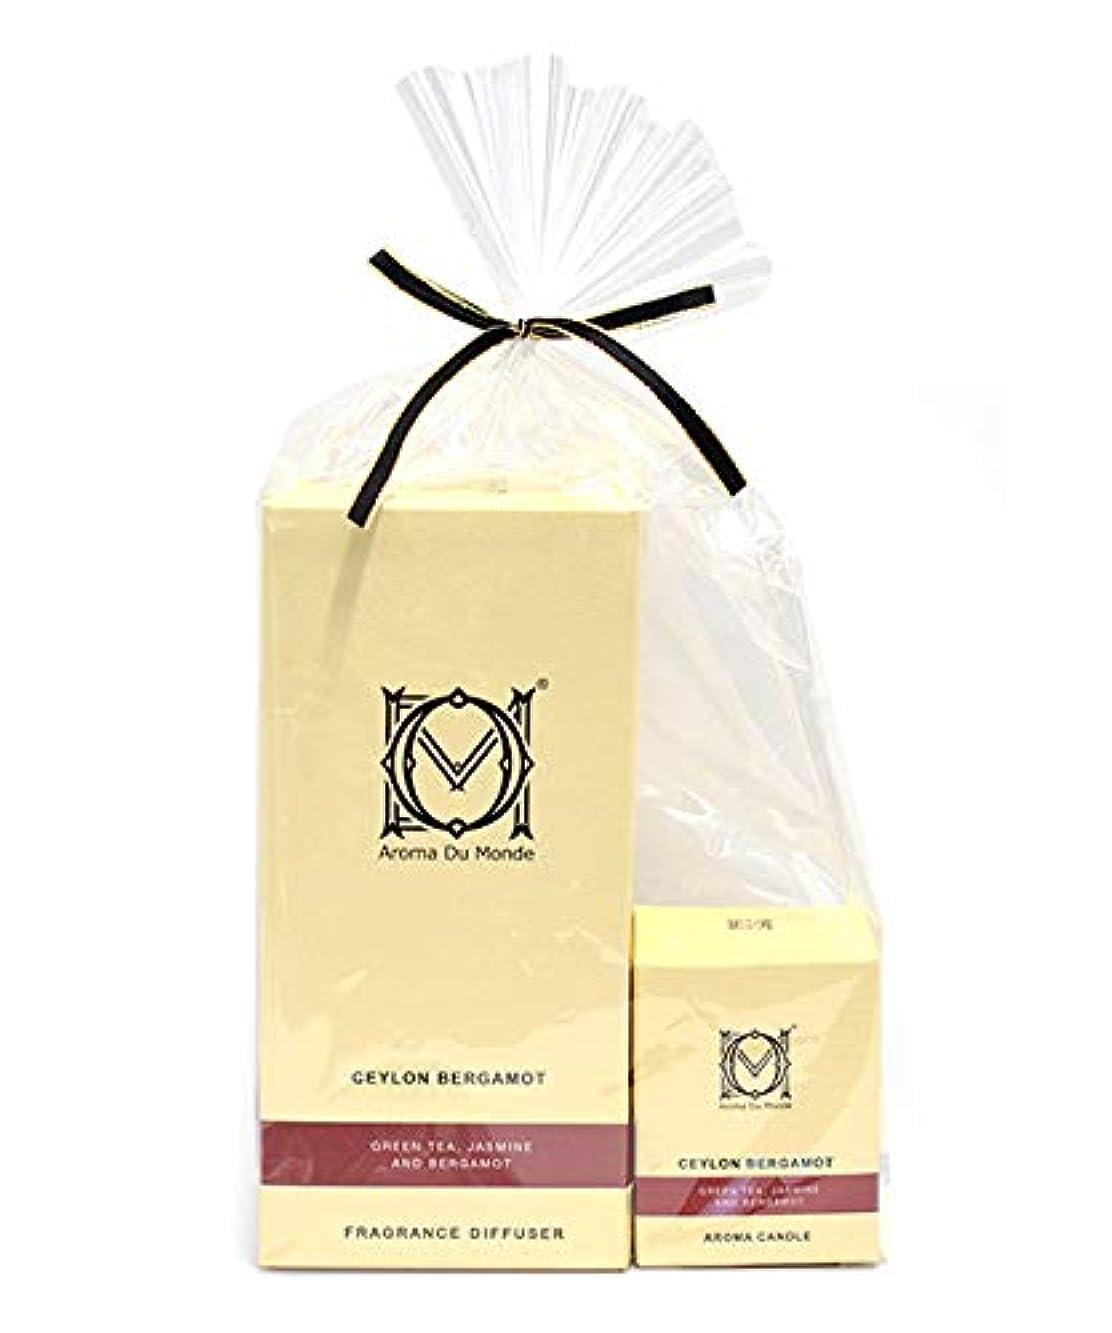 急性お尻のスコアフレグランスディフューザー&キャンドル セイロンベルガモット セット Aroma Du Monde/ADM Fragrance Diffuser & Candle Ceylon Bergamot Set 81156